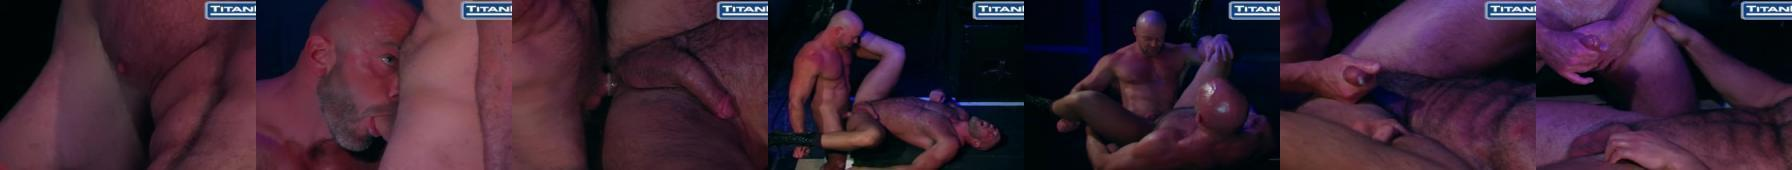 Tytanowi faceci uprawiają sex w klubie